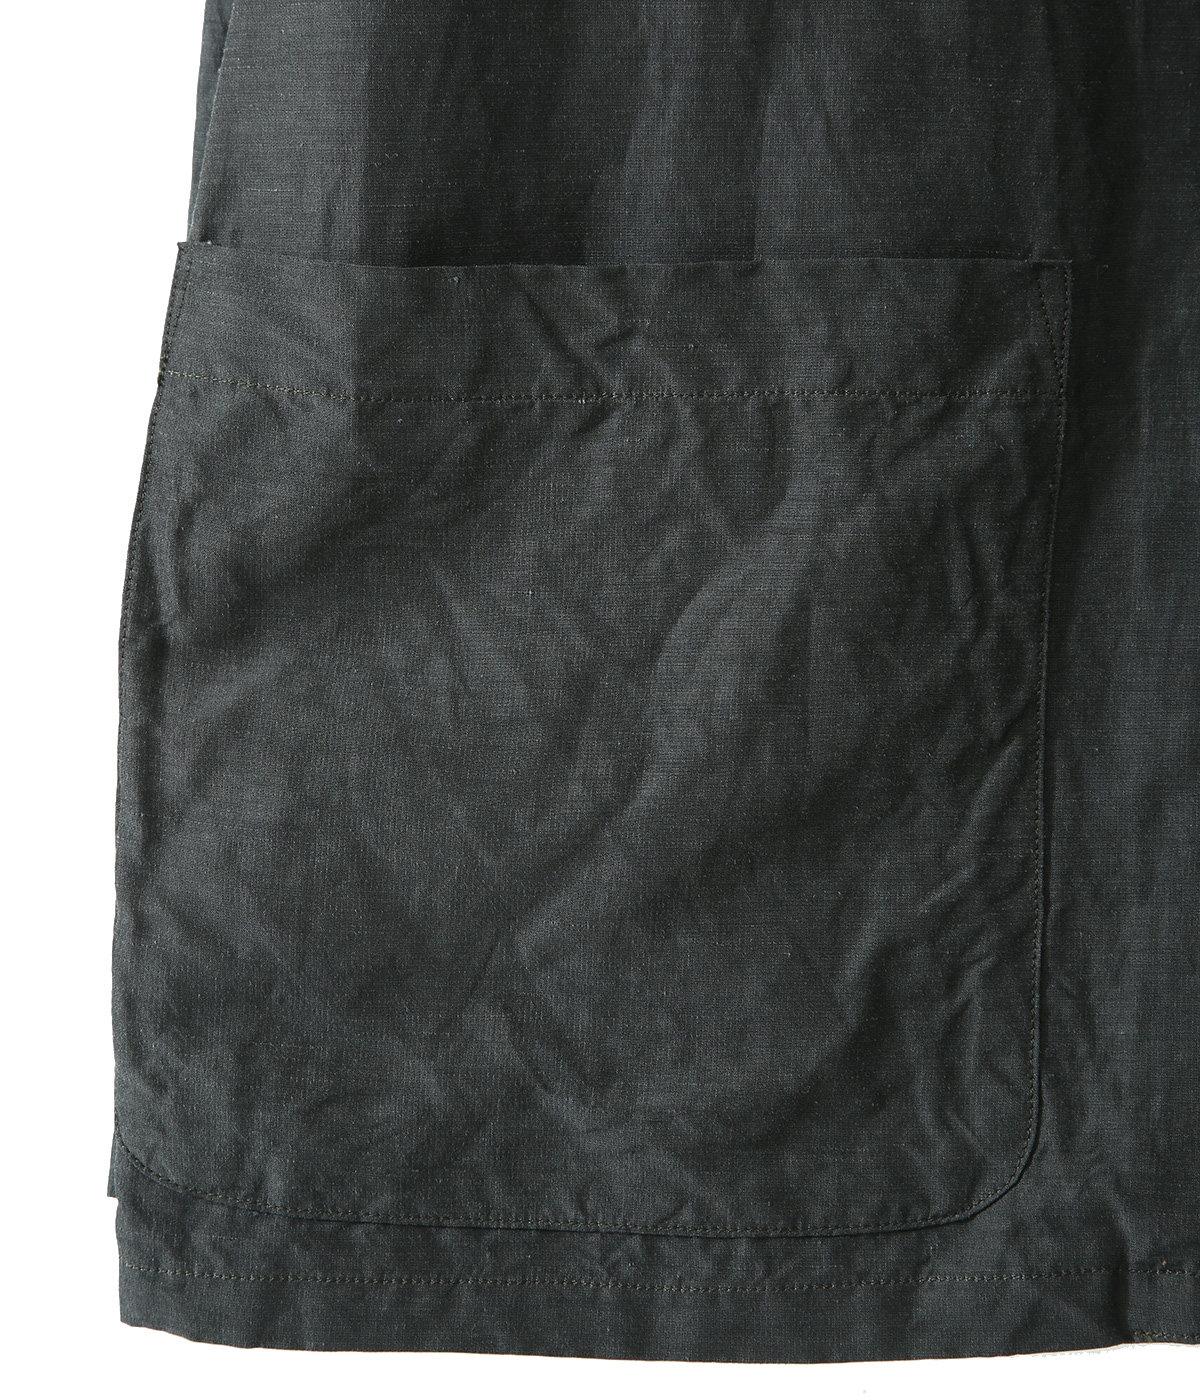 COVER ALL - cu/li/co cloth -